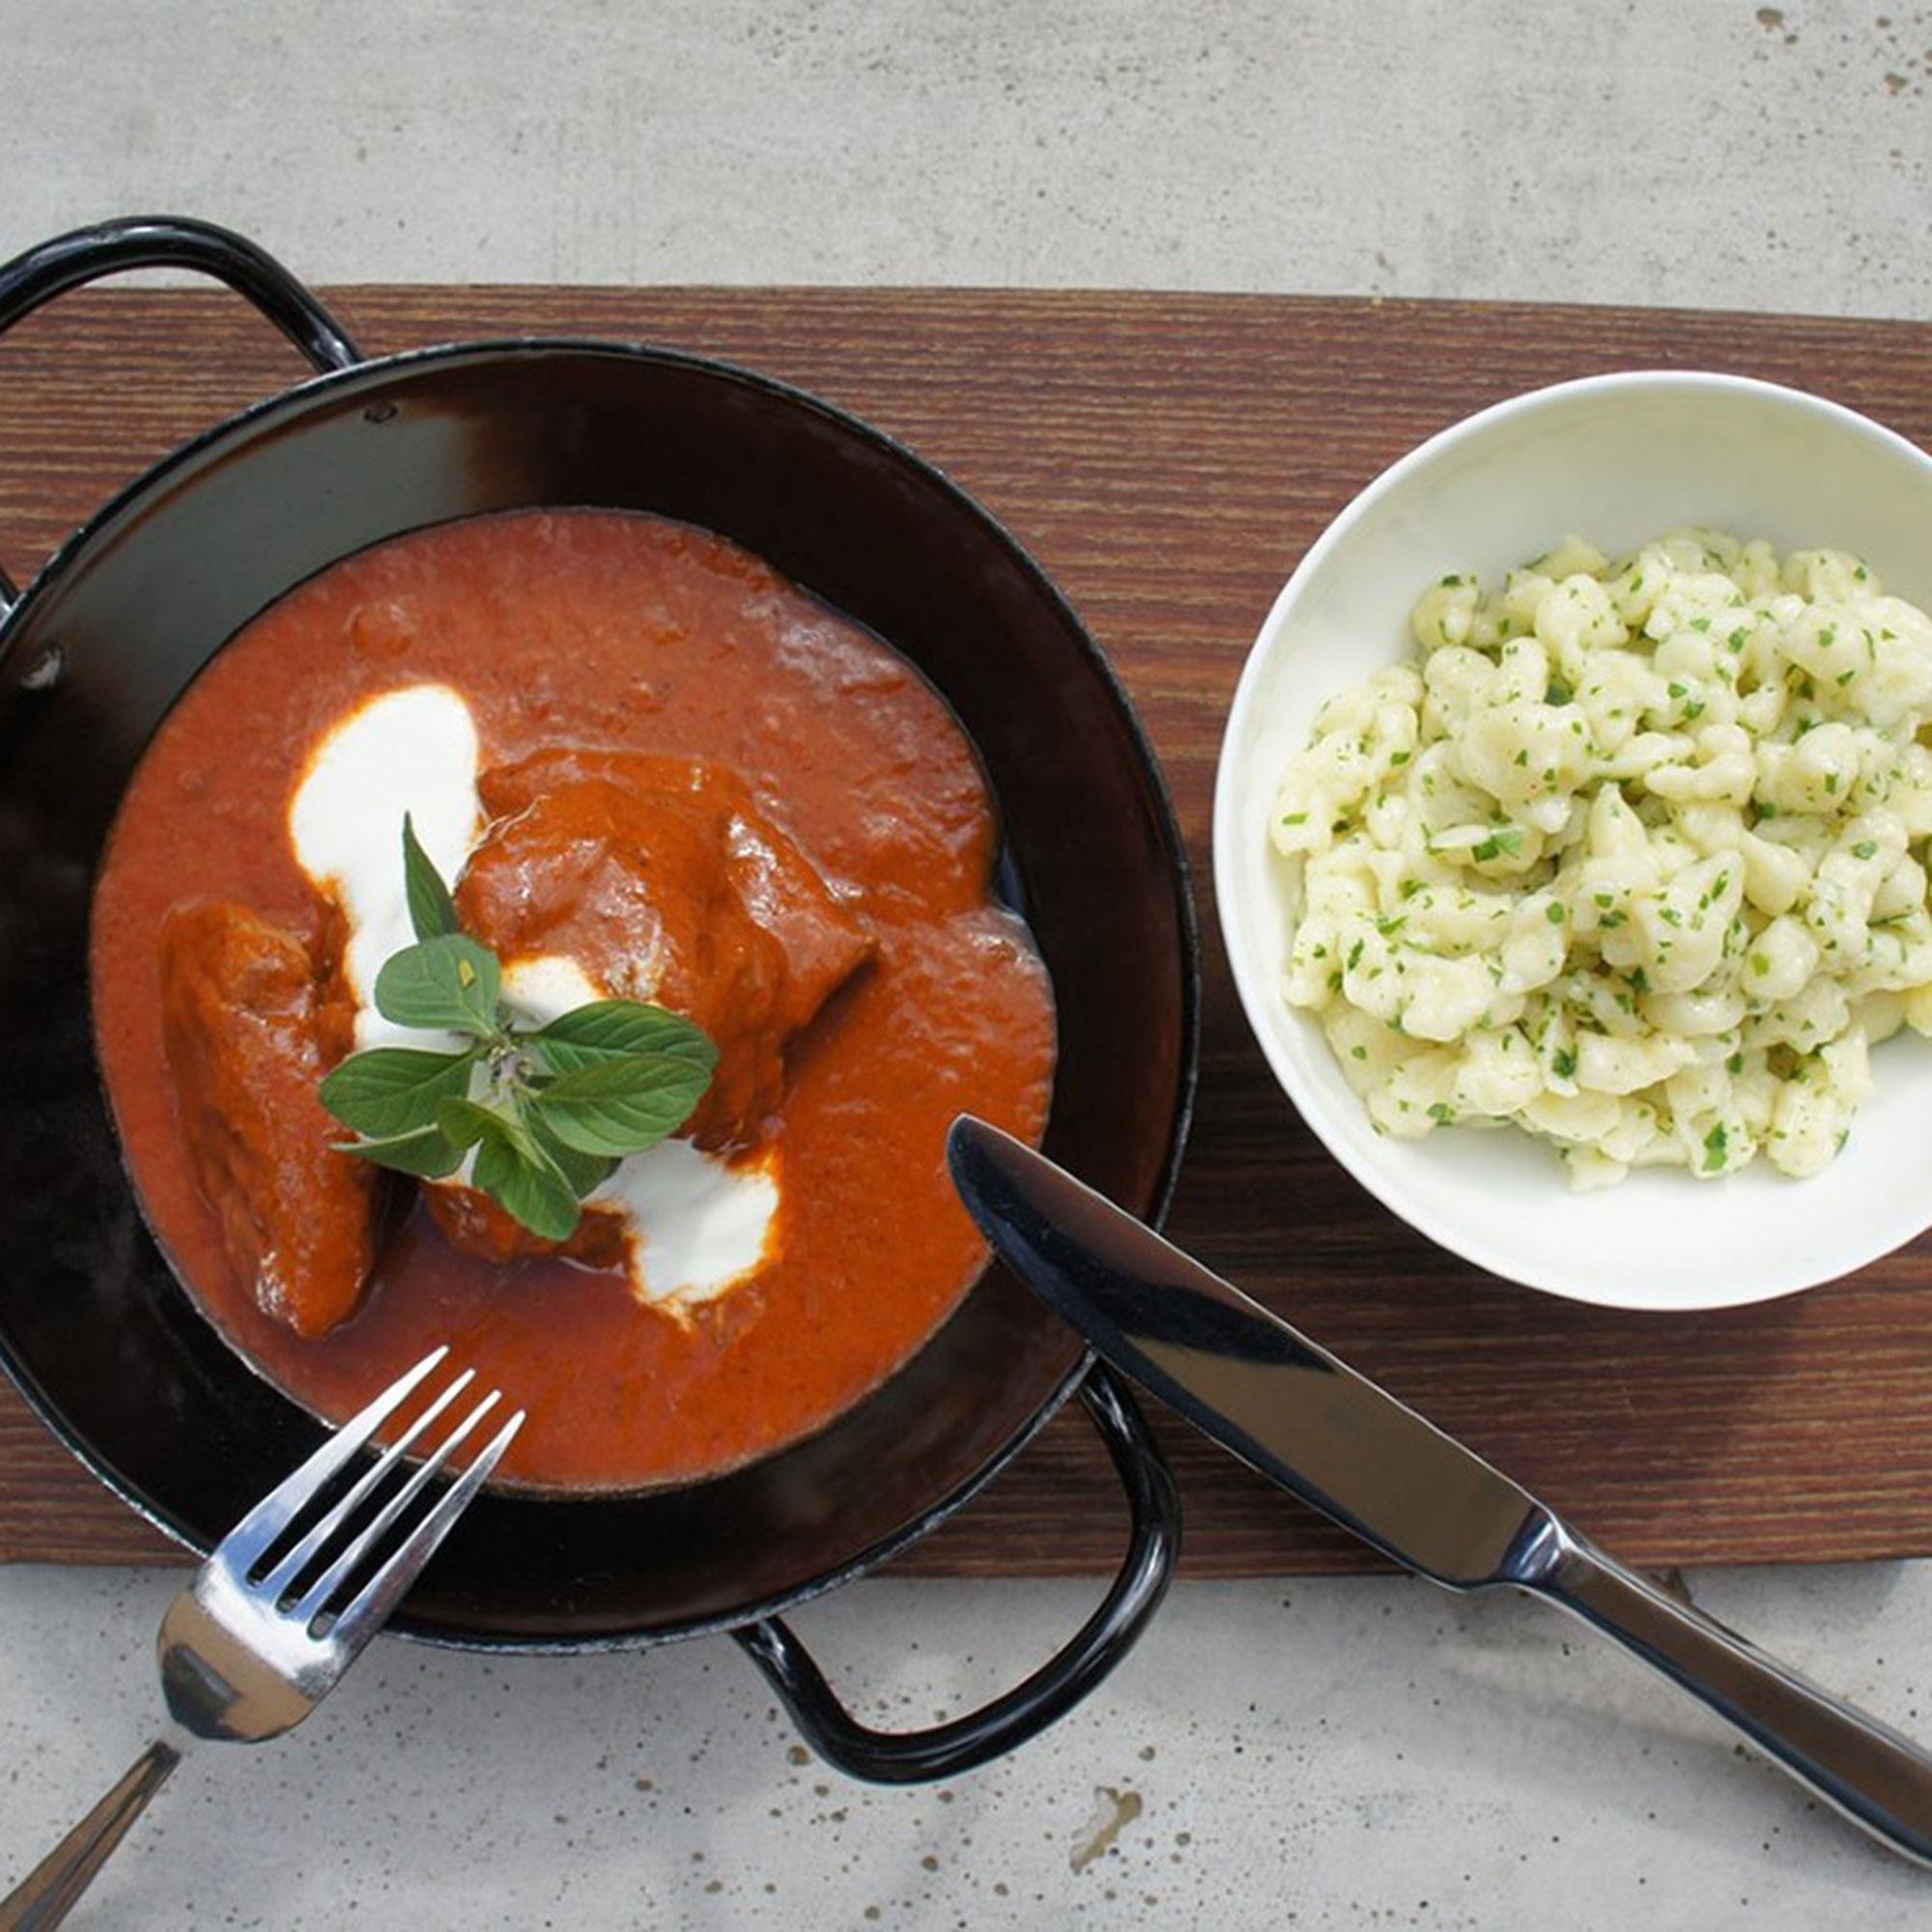 Die Wirtshausklassiker aus der 3-Hauben-Küche